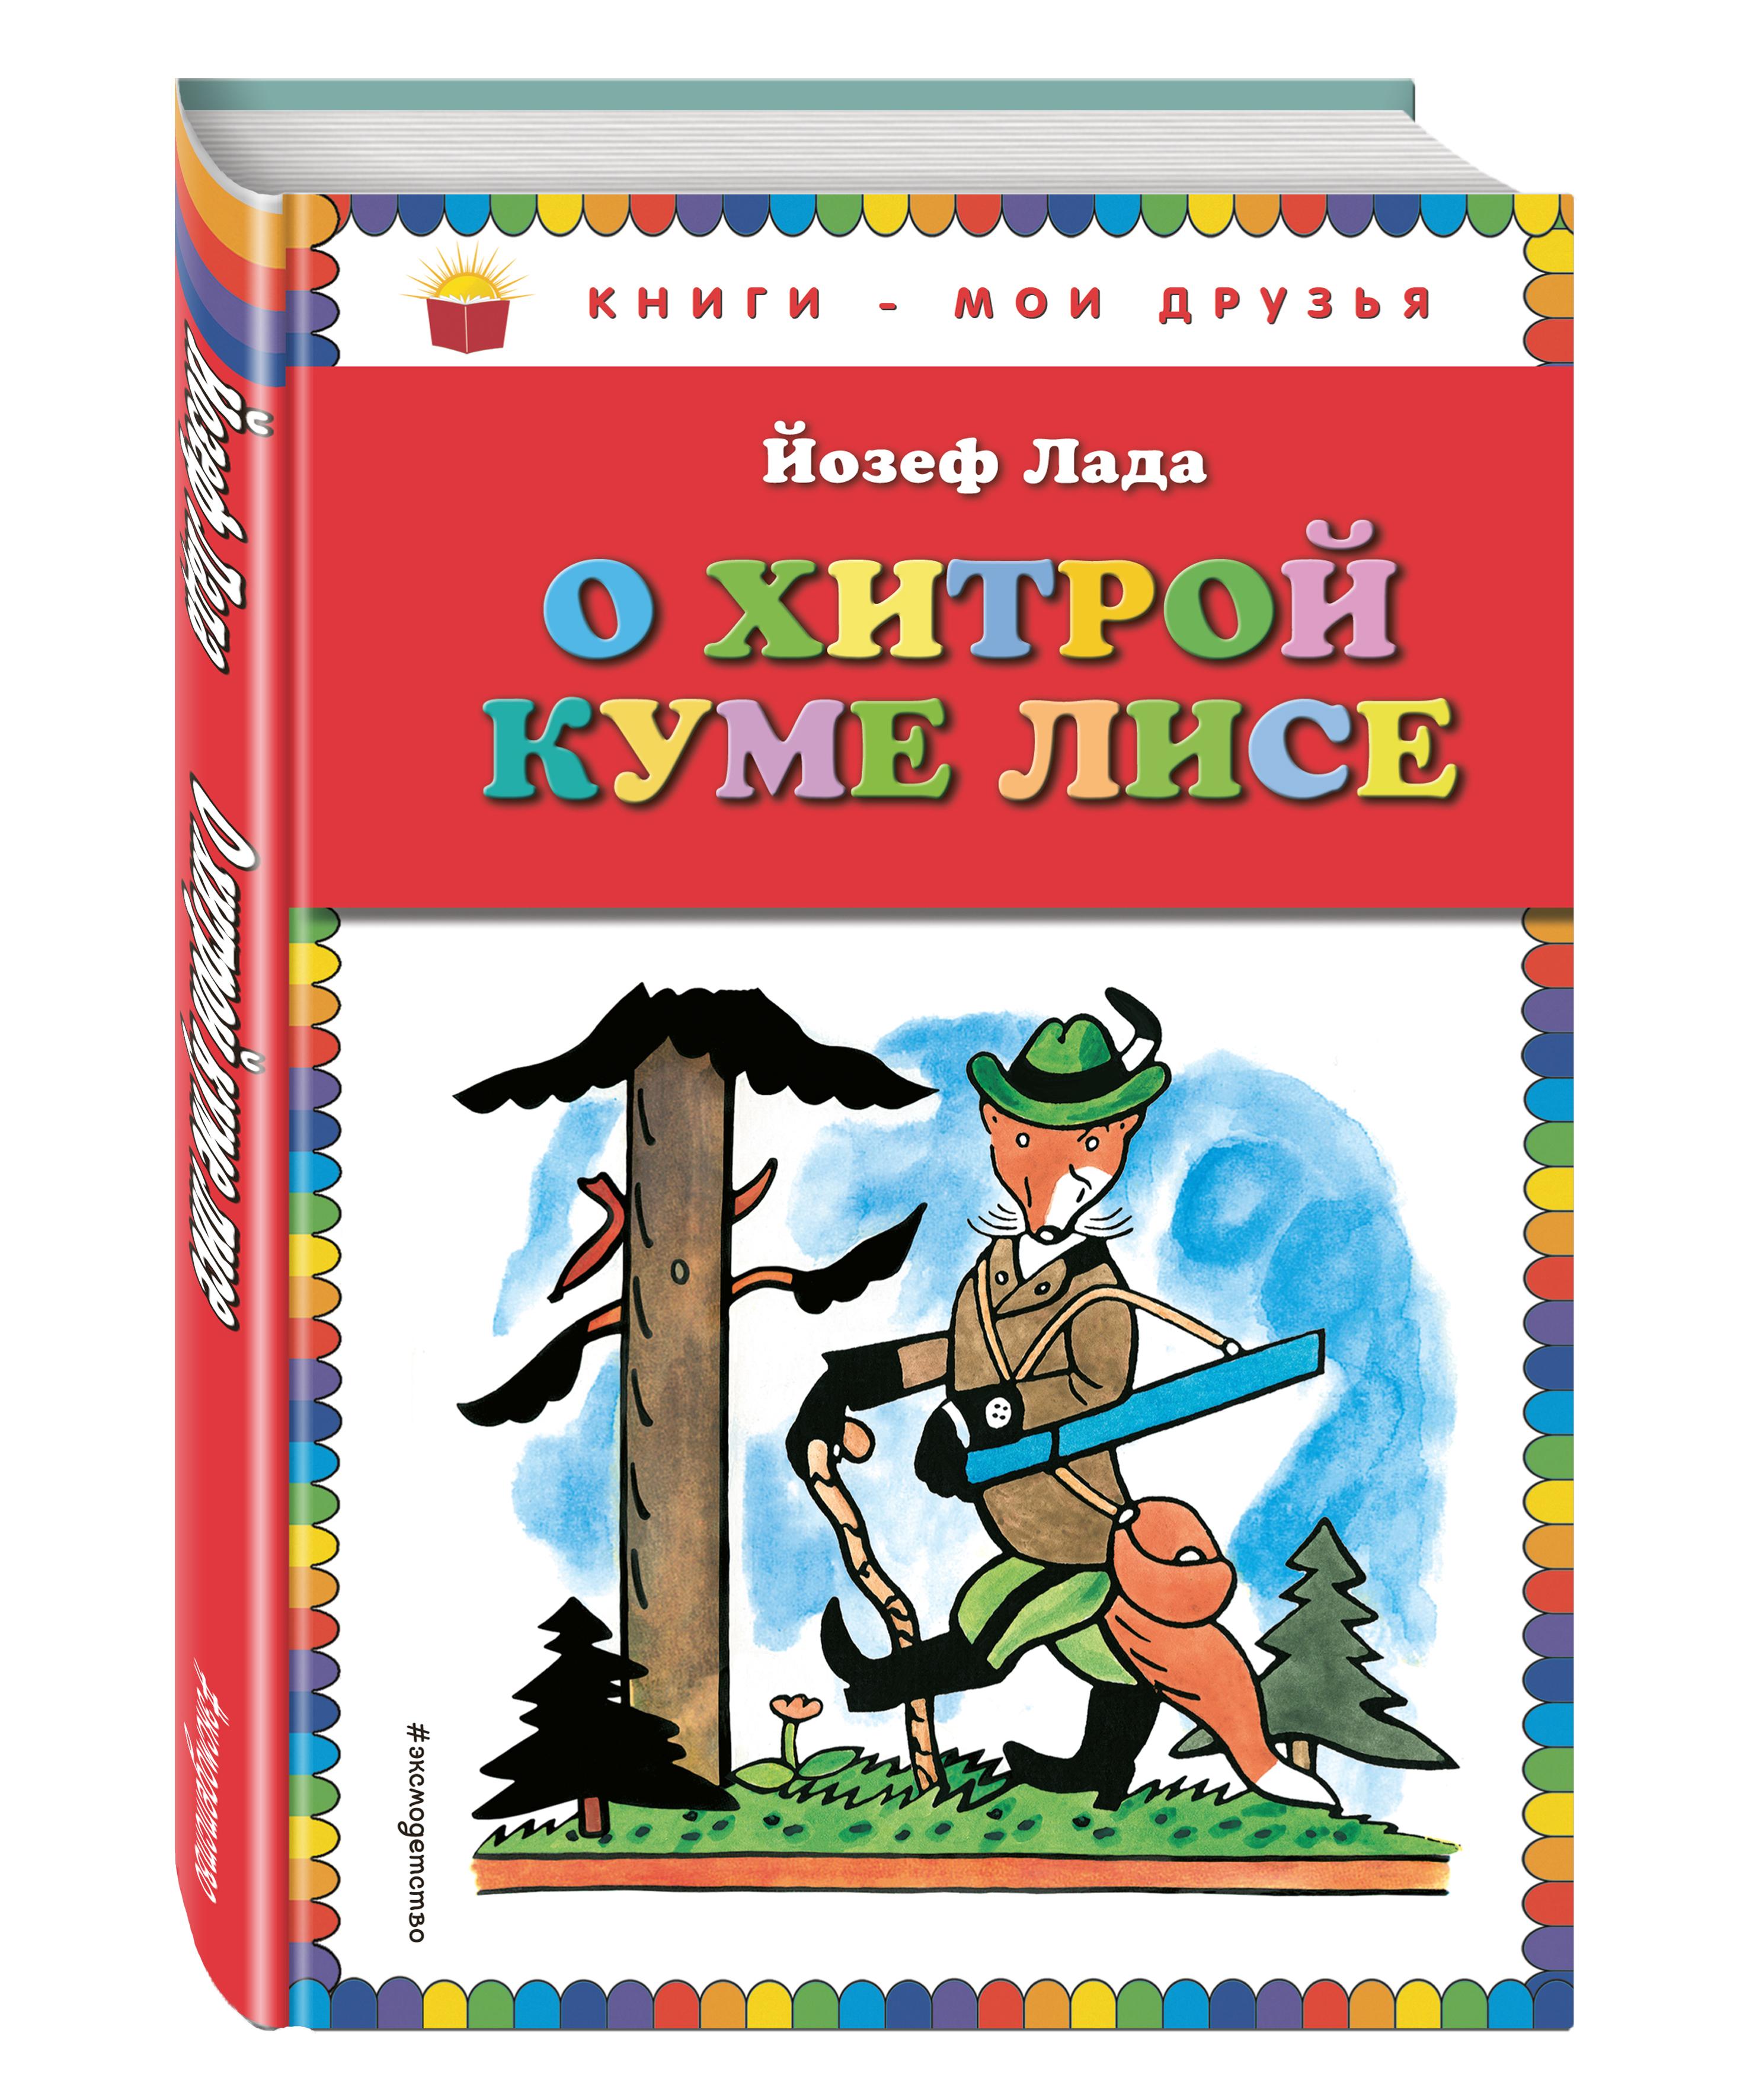 Лада Й. О хитрой куме лисе (рис. автора)